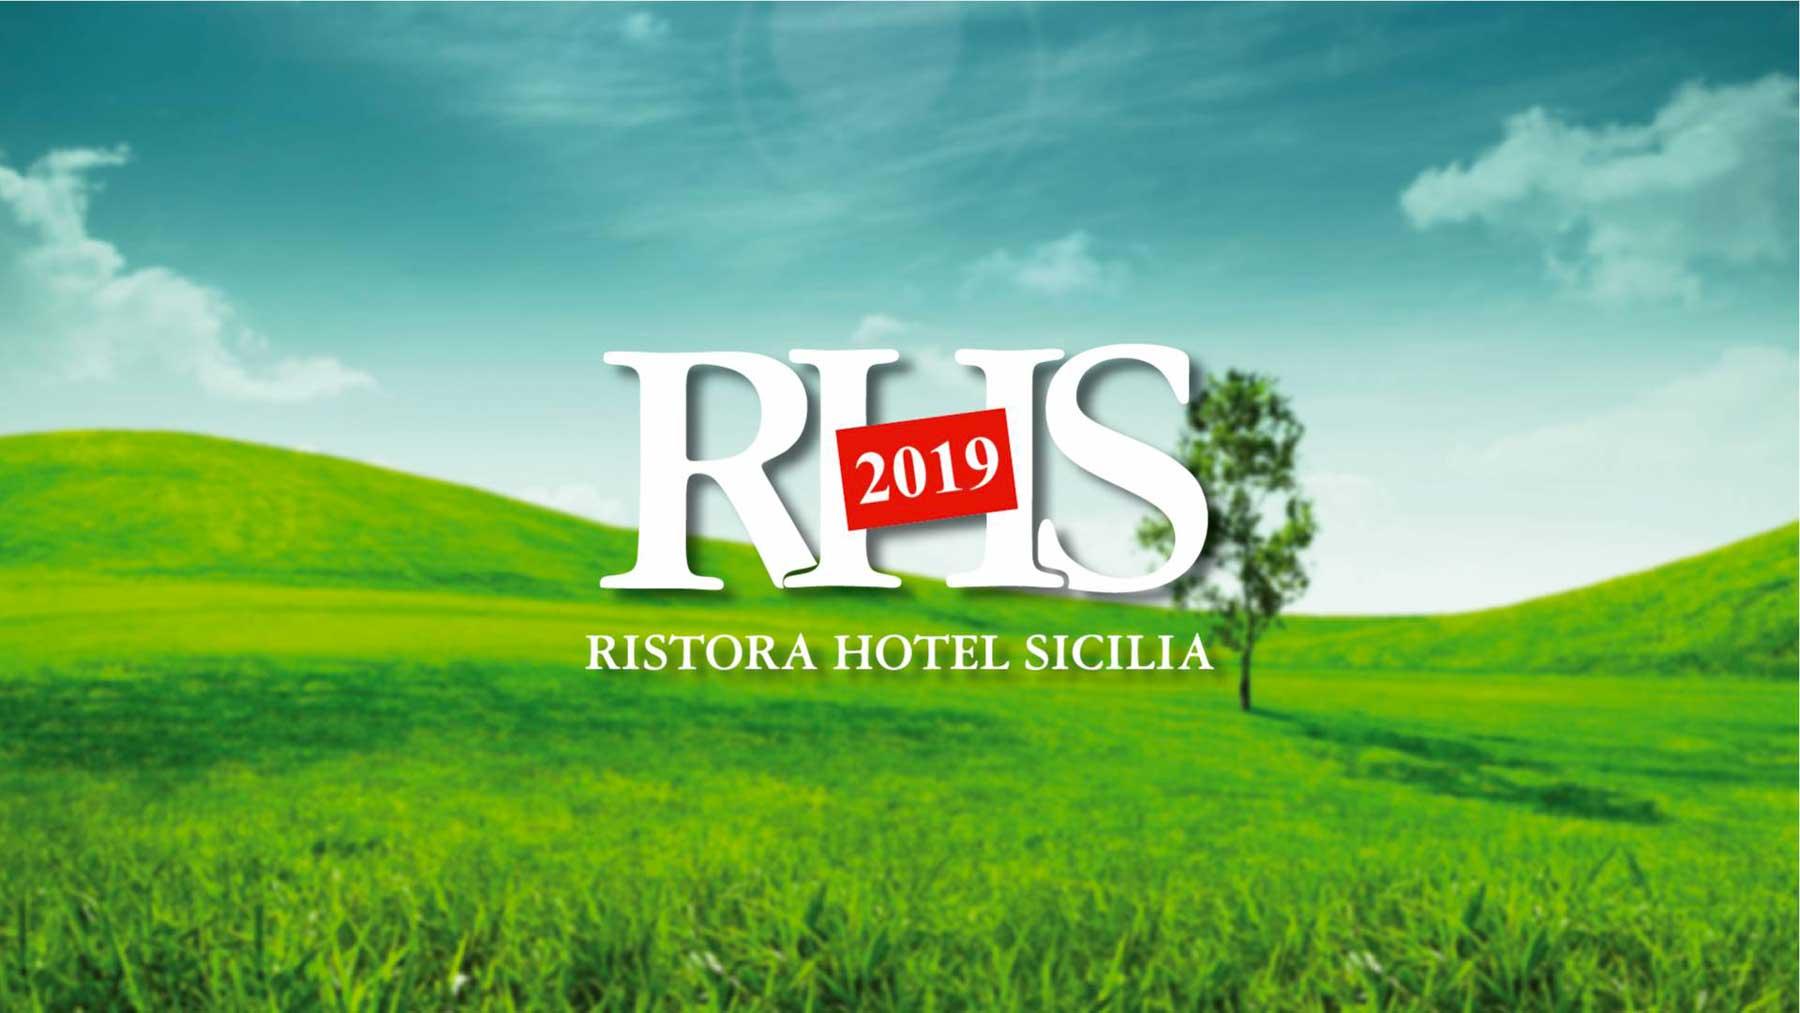 Glorioso in fiera al Ristora Hotel Sicilia